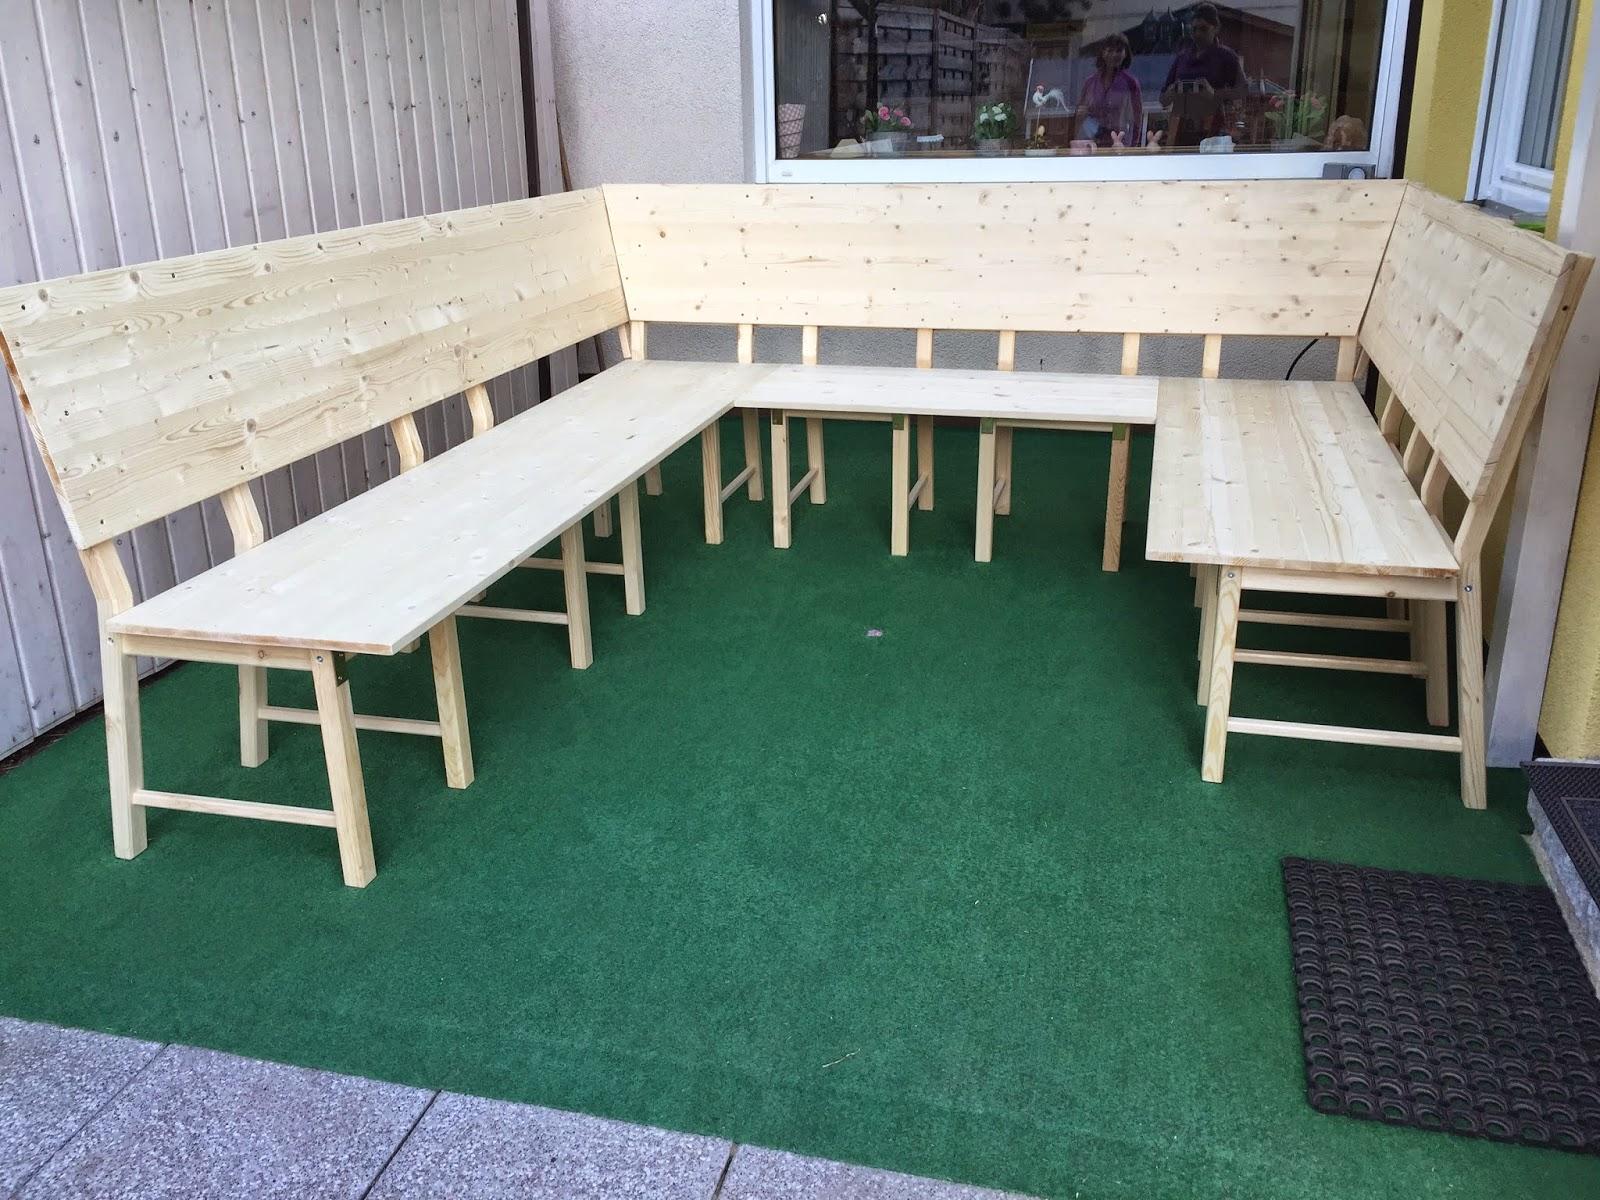 Full Size of Eckbank Ikea Diy Hack Aus 8 Sthlen Wird Eine Groe Betten 160x200 Miniküche Modulküche Küche Kaufen Kosten Bei Sofa Mit Schlaffunktion Garten Wohnzimmer Eckbank Ikea